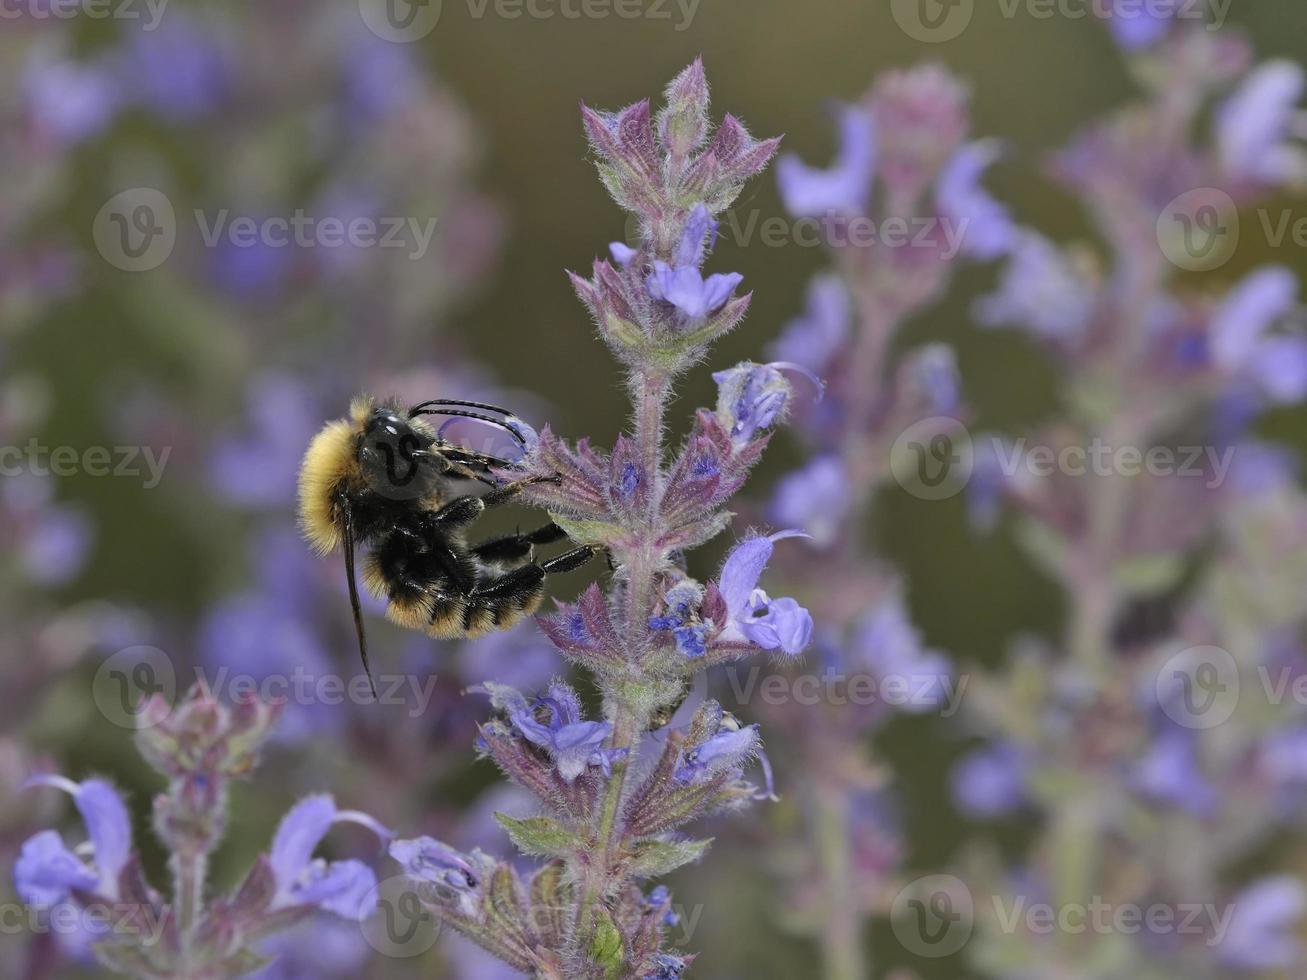 bombus pascuorum, l'ape carda comune, è una specie di calabrone, grecia foto